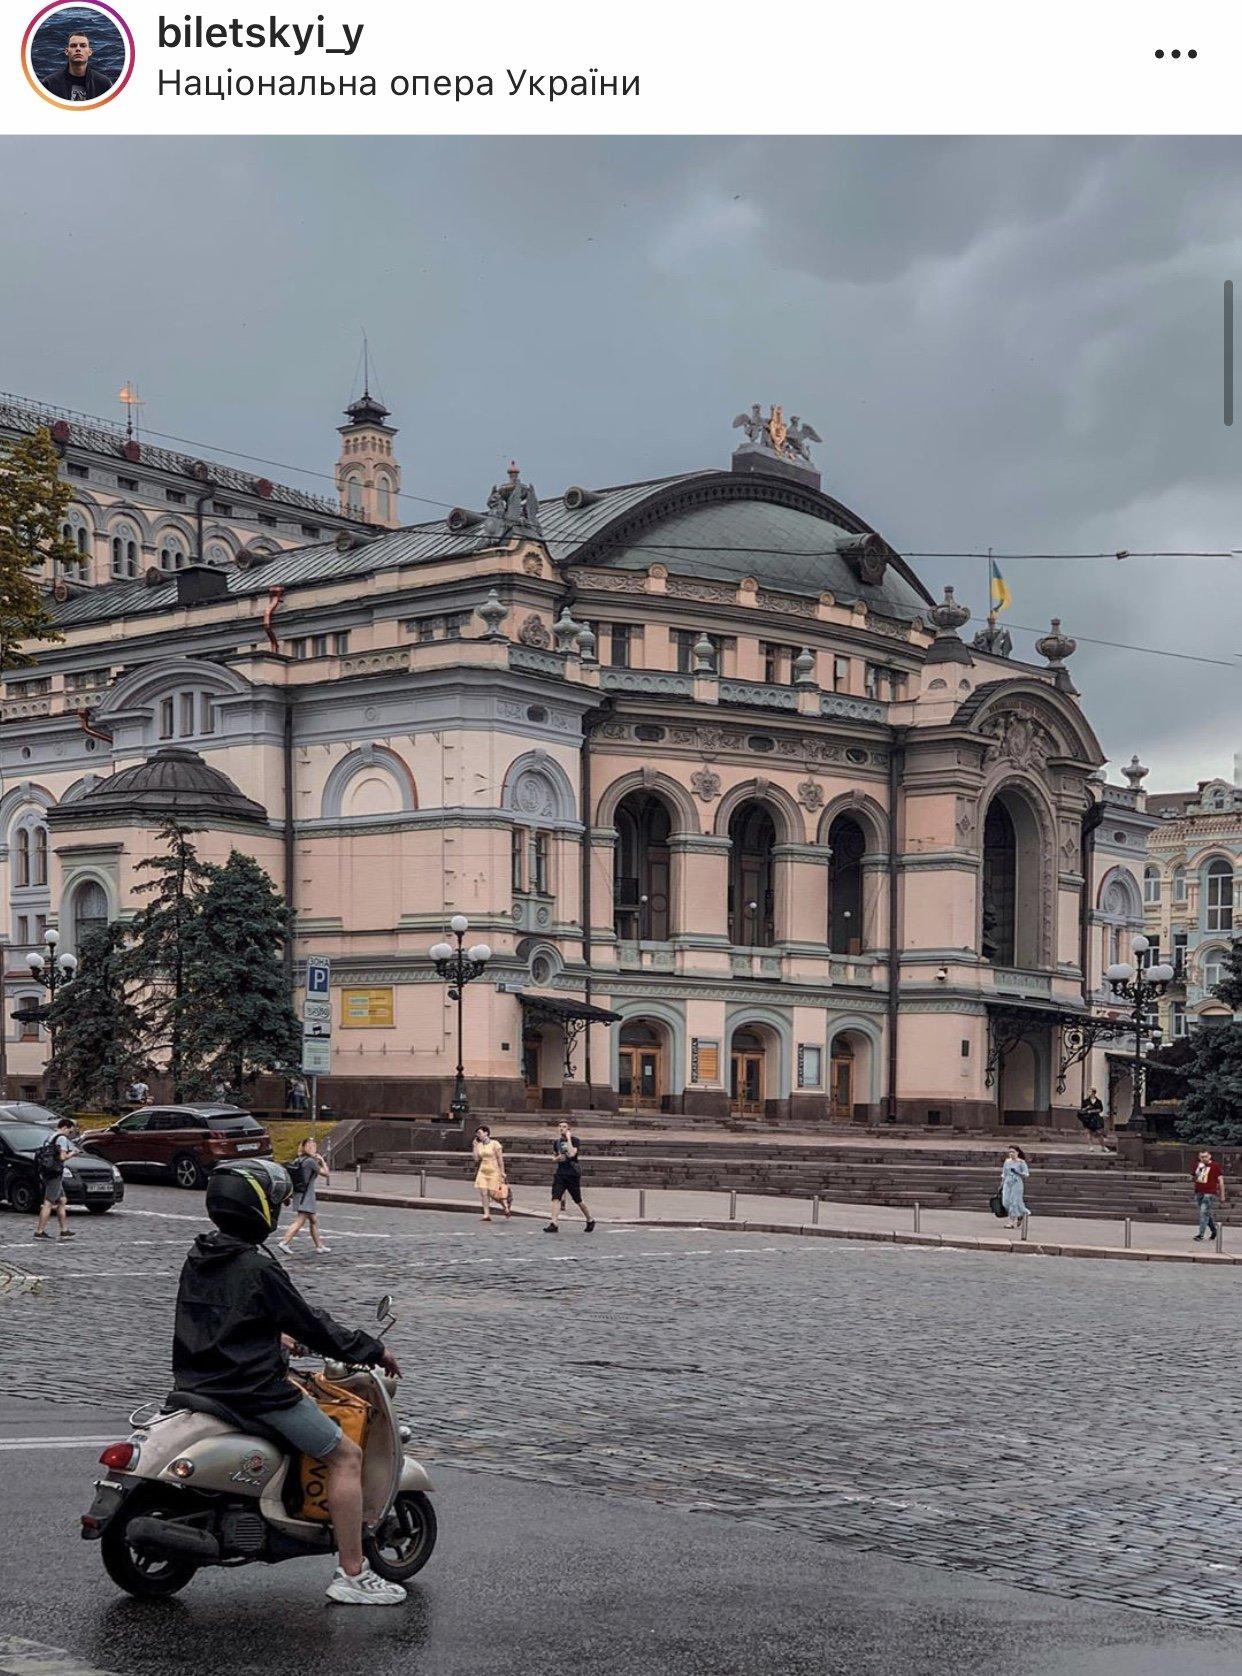 ТОП красивых фотографий Киева в Instagram , фото-10